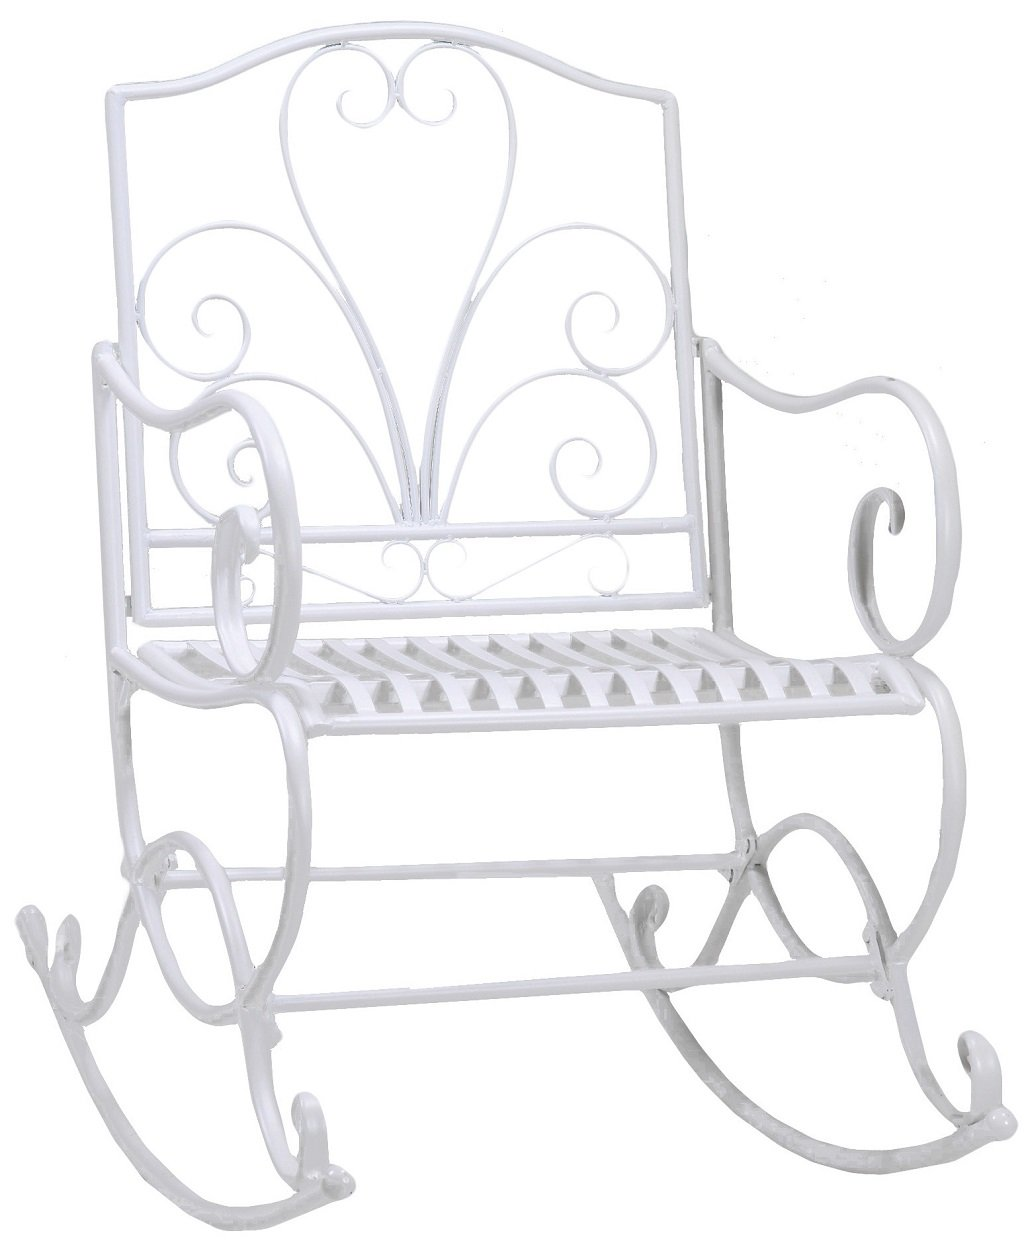 Sedia a dondolo in ferro bianco per giardino casa esterno interno terrazzo balcone trattamento antiruggine Savino Fiorenzo